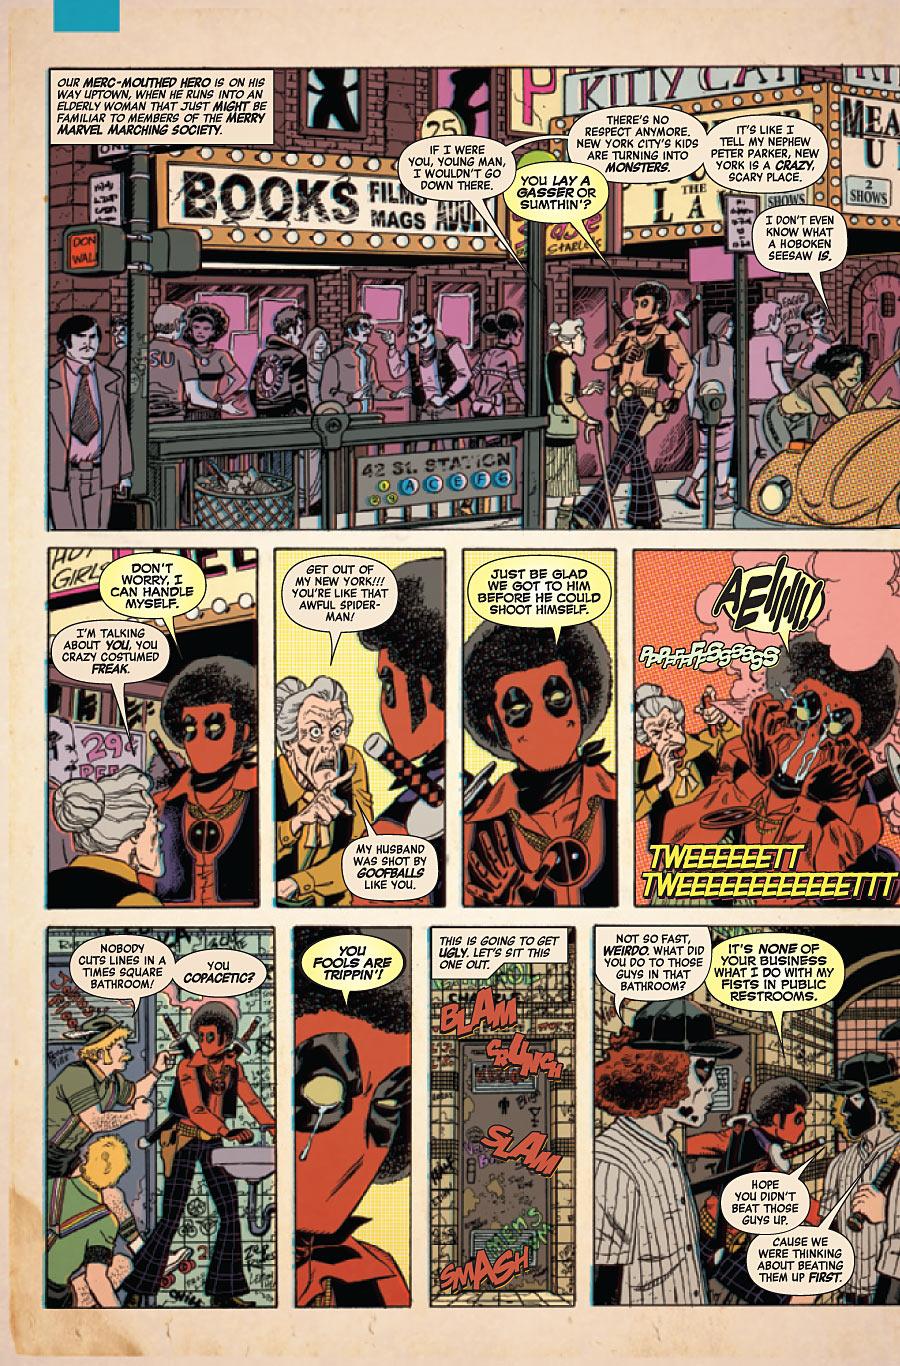 [Comics] Prenons Baxter par la main. 215537DPOOL2012013intLR348196